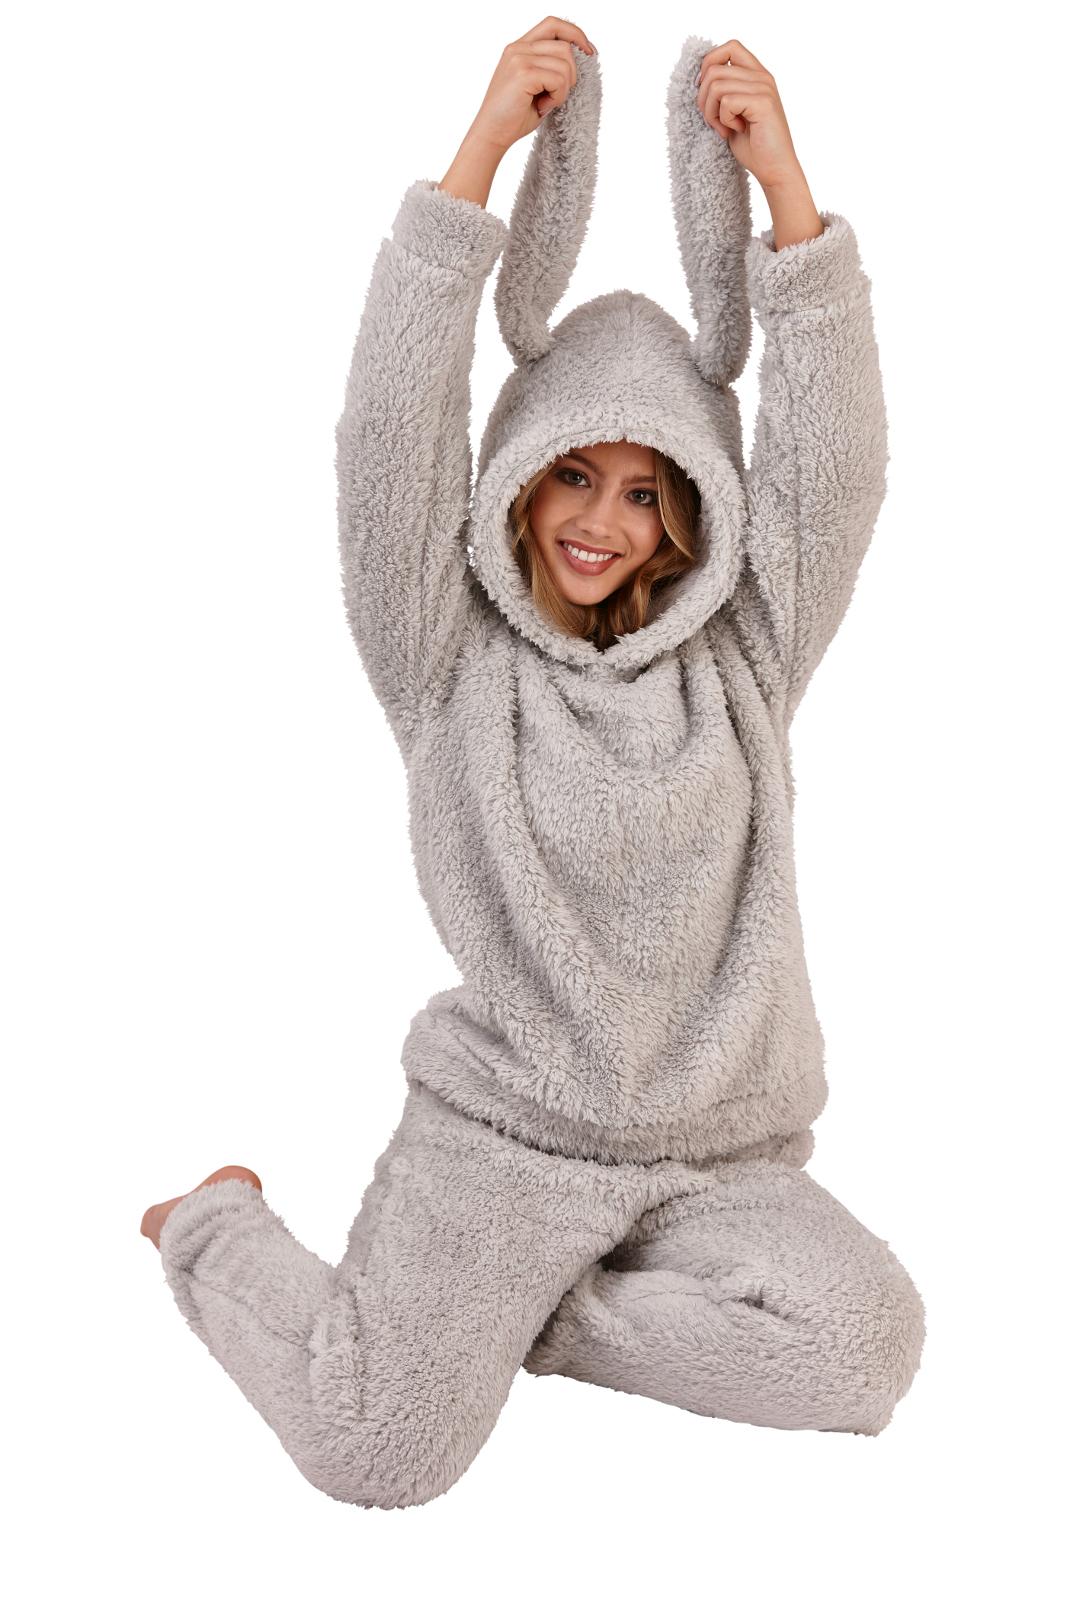 Luxury Soft Fleece Red & Cream Hedgehog Print Twosie Pyjama Pj Cowl Neck Damenmode Nachtwäsche